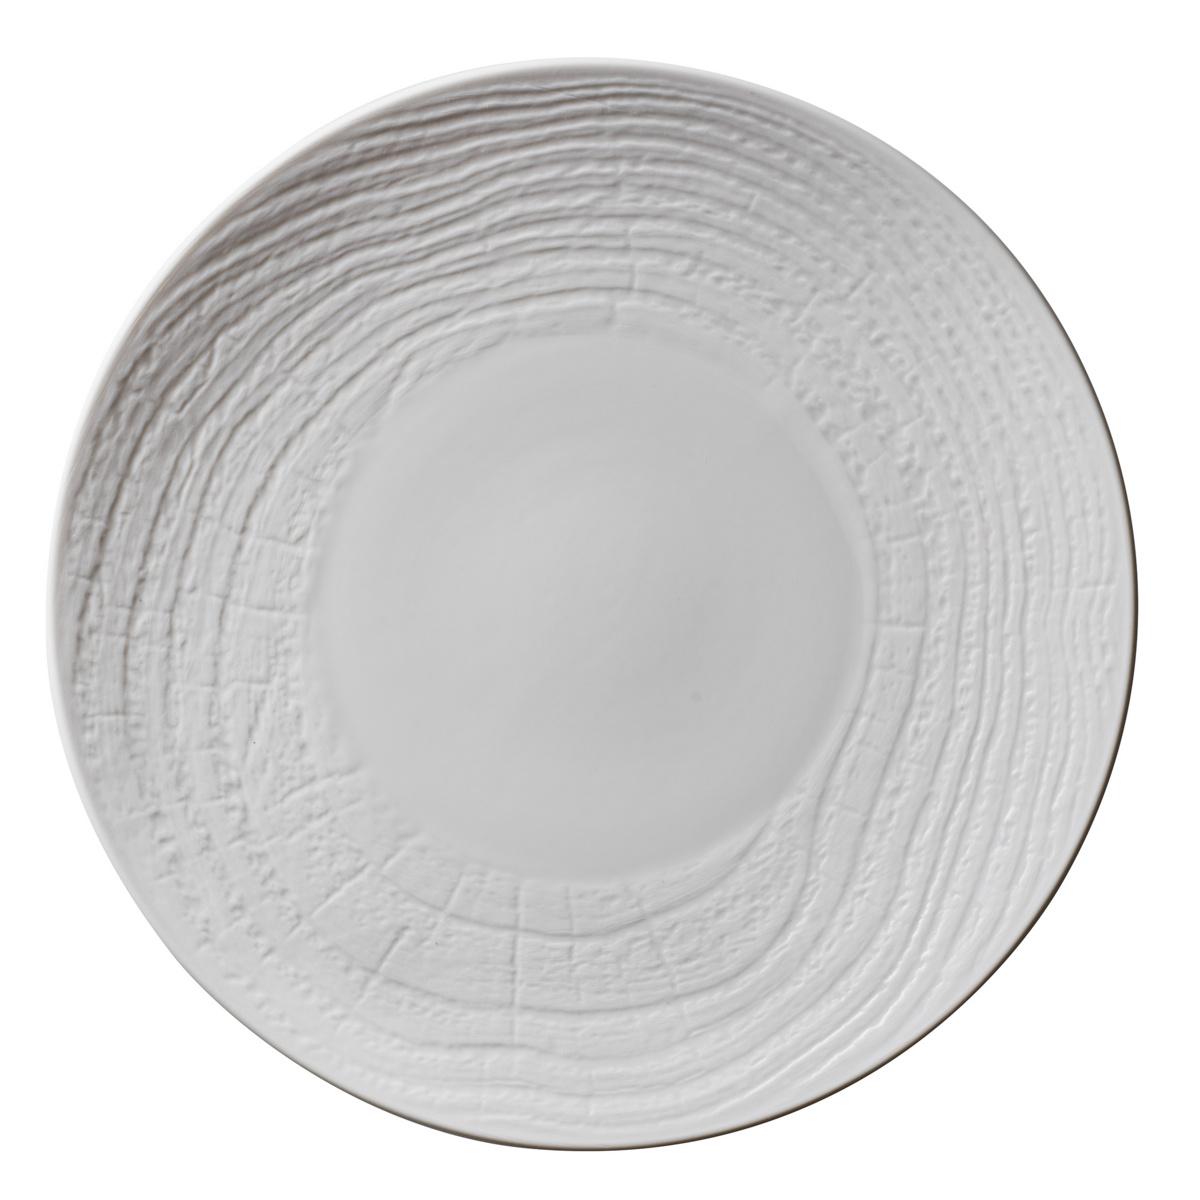 Assiette coupe plate ronde ivoire porcelaine Ø 21,50 cm Arborescence Revol